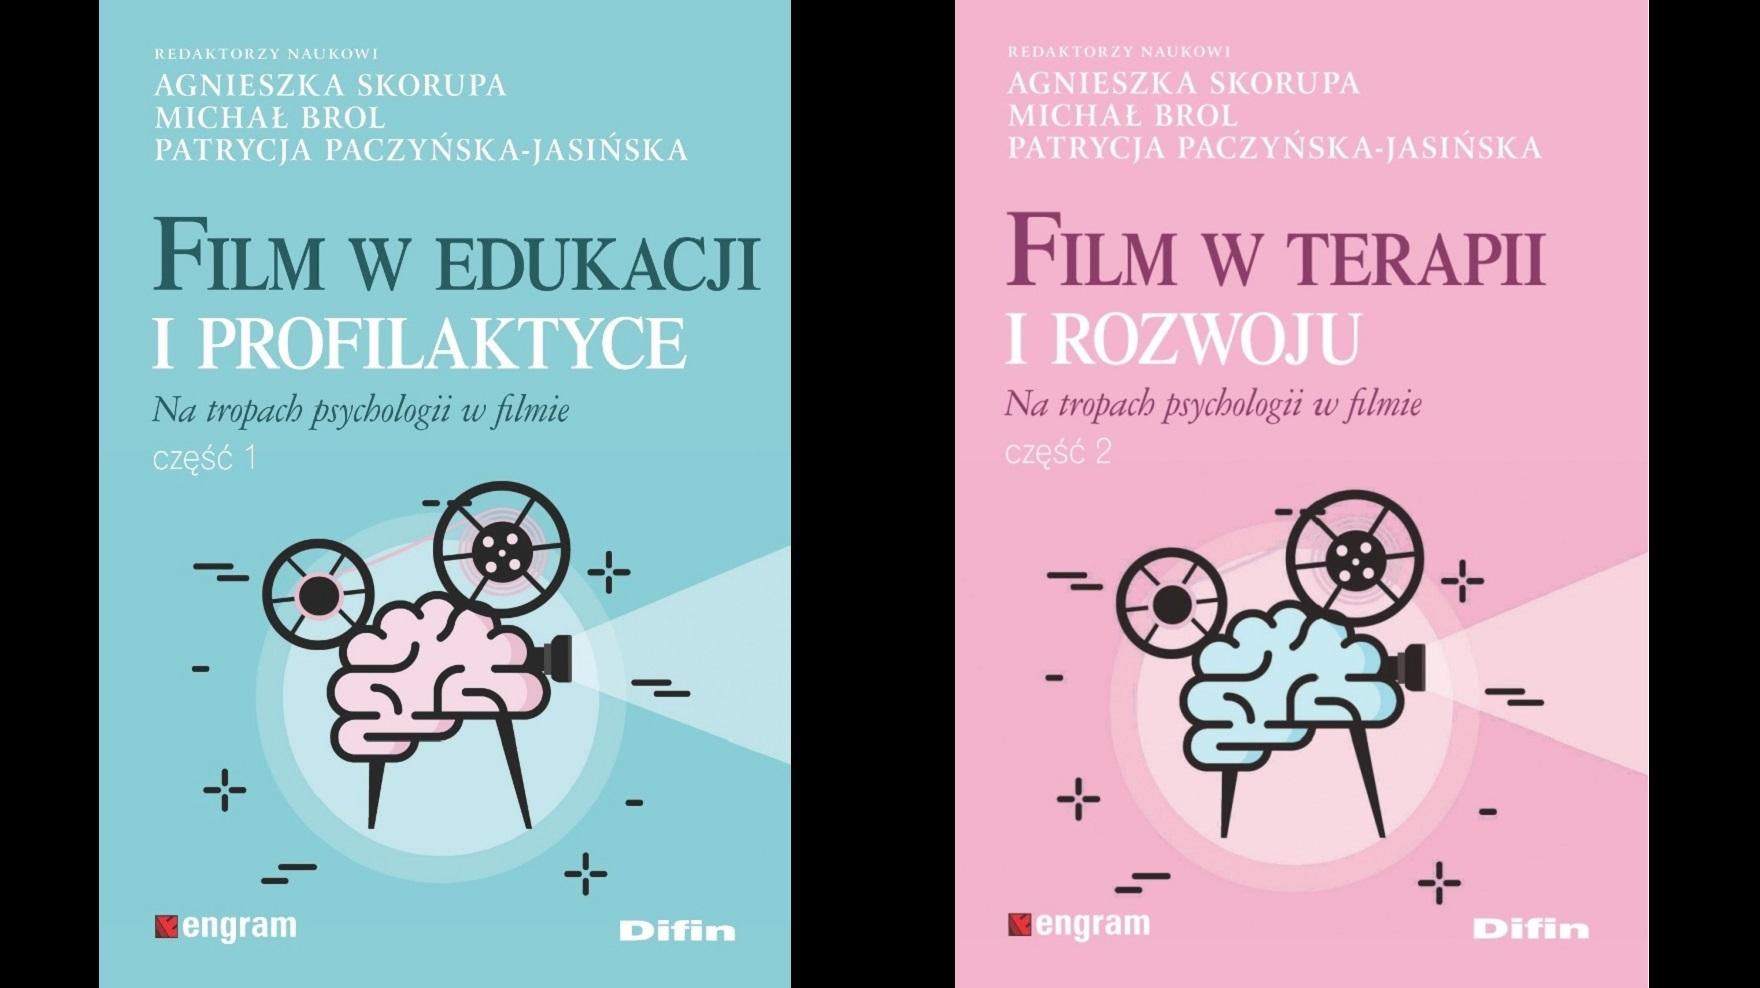 film-w-edukacji-i-profilaktyce